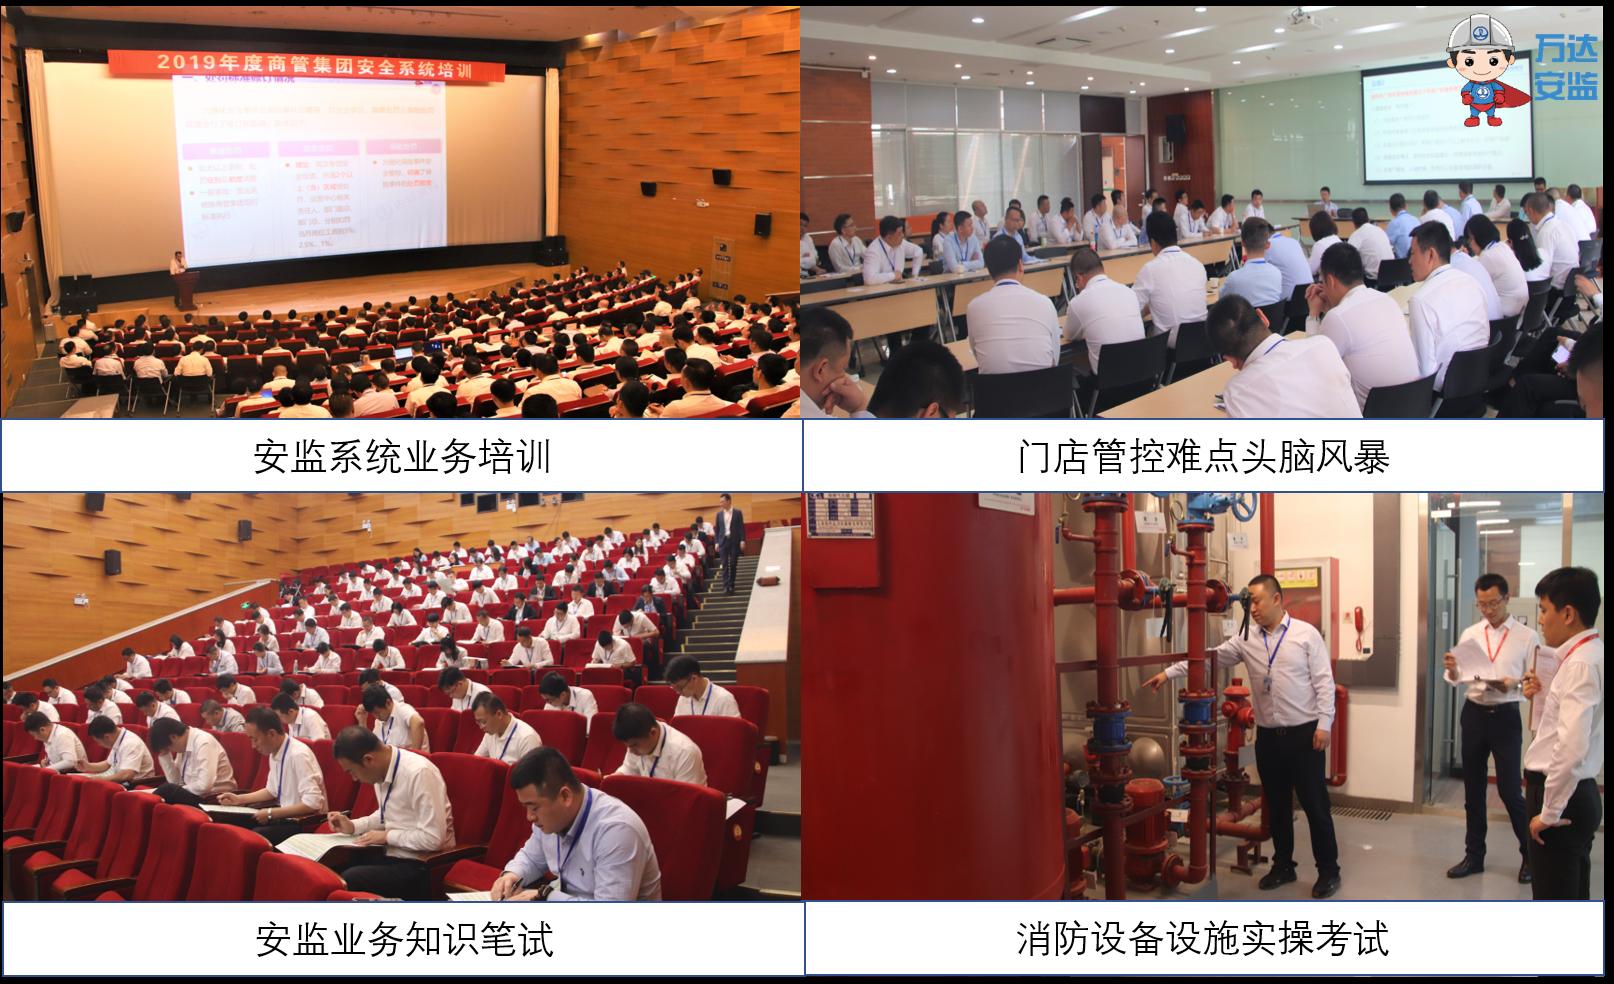 万达商管集团组织年度安全系统培训与考试